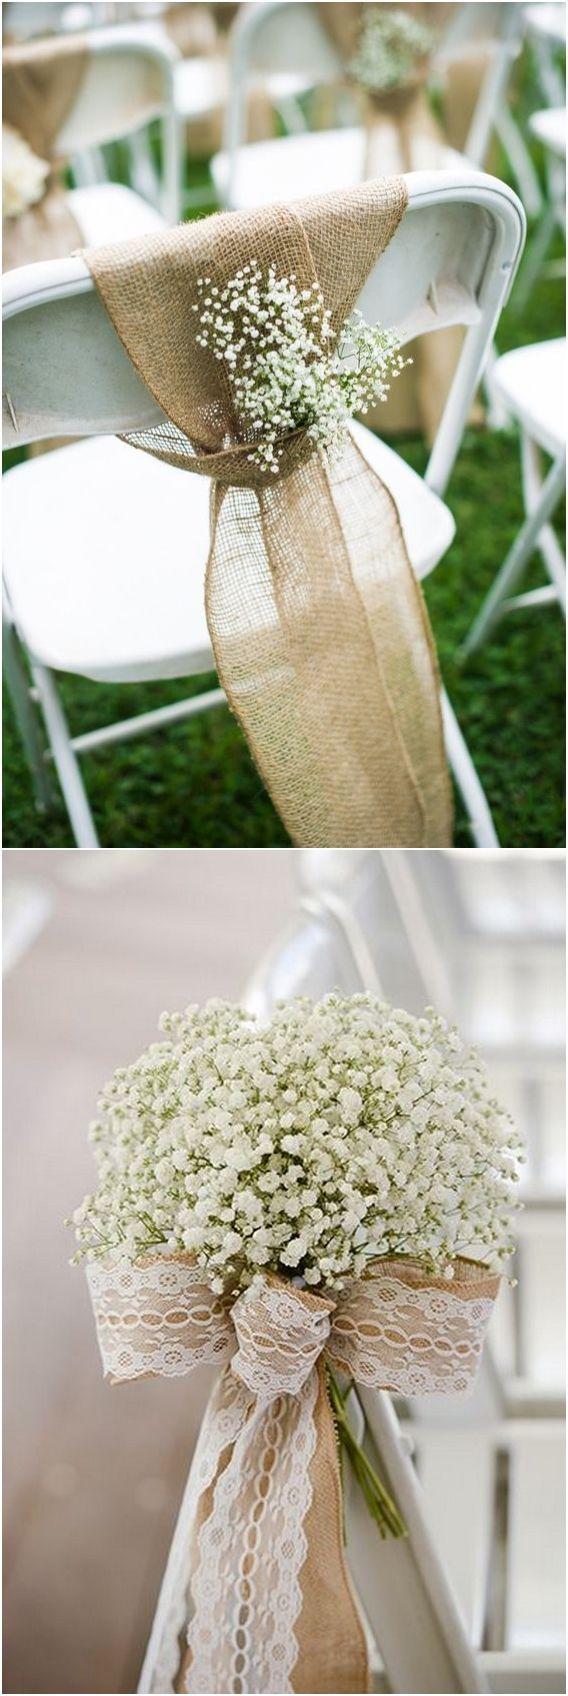 Rustic baby's breath wedding chair decor ideas #wedding #weddingideas #weddinginspiration